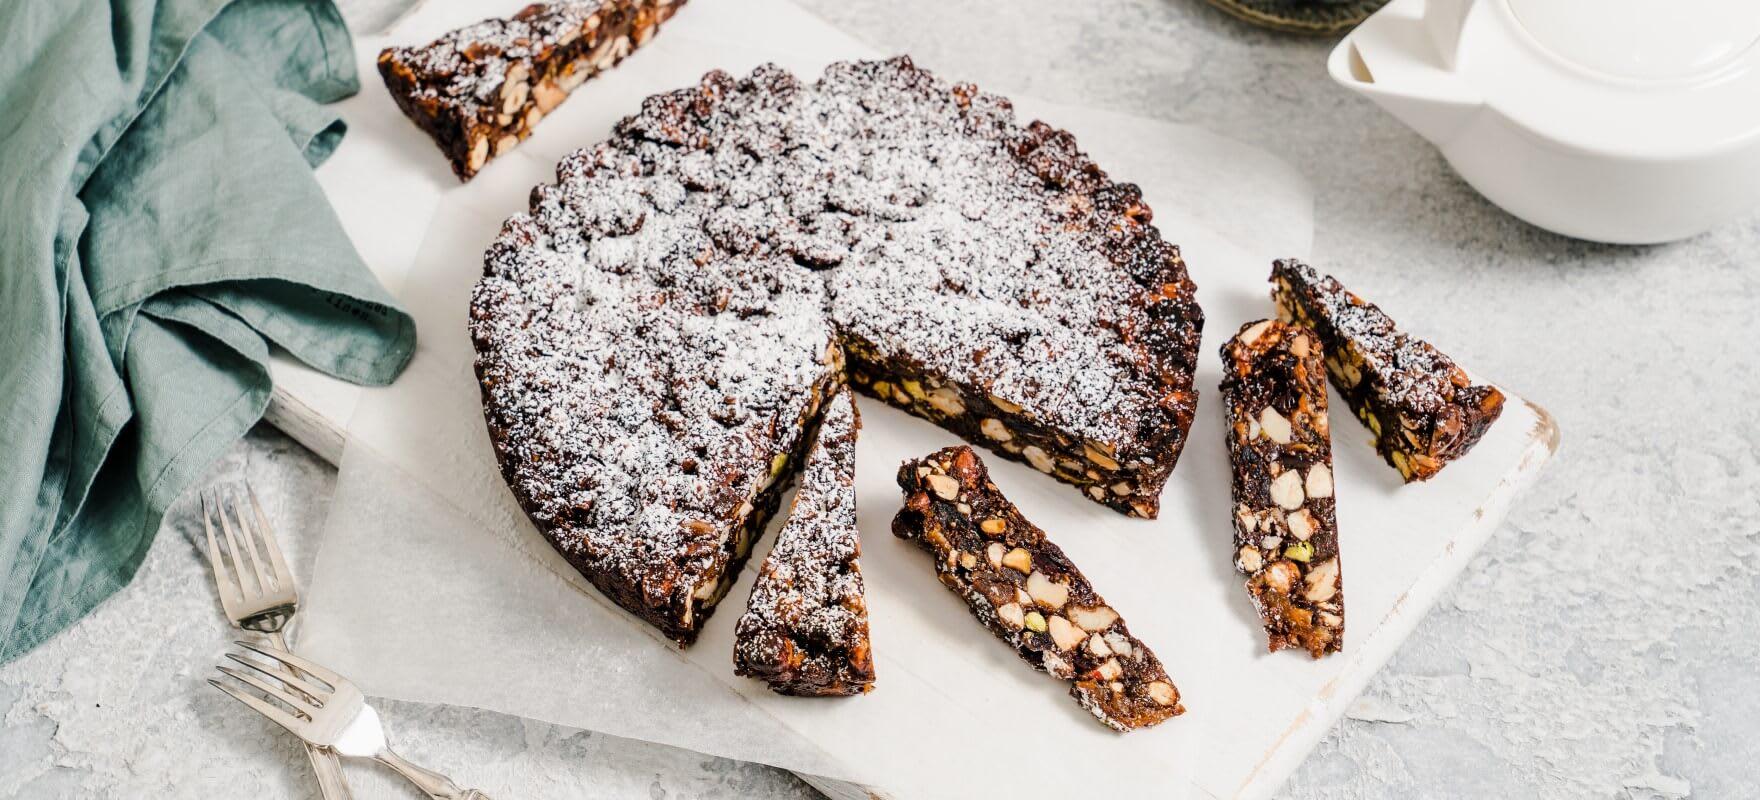 Chocolate panforte image 1